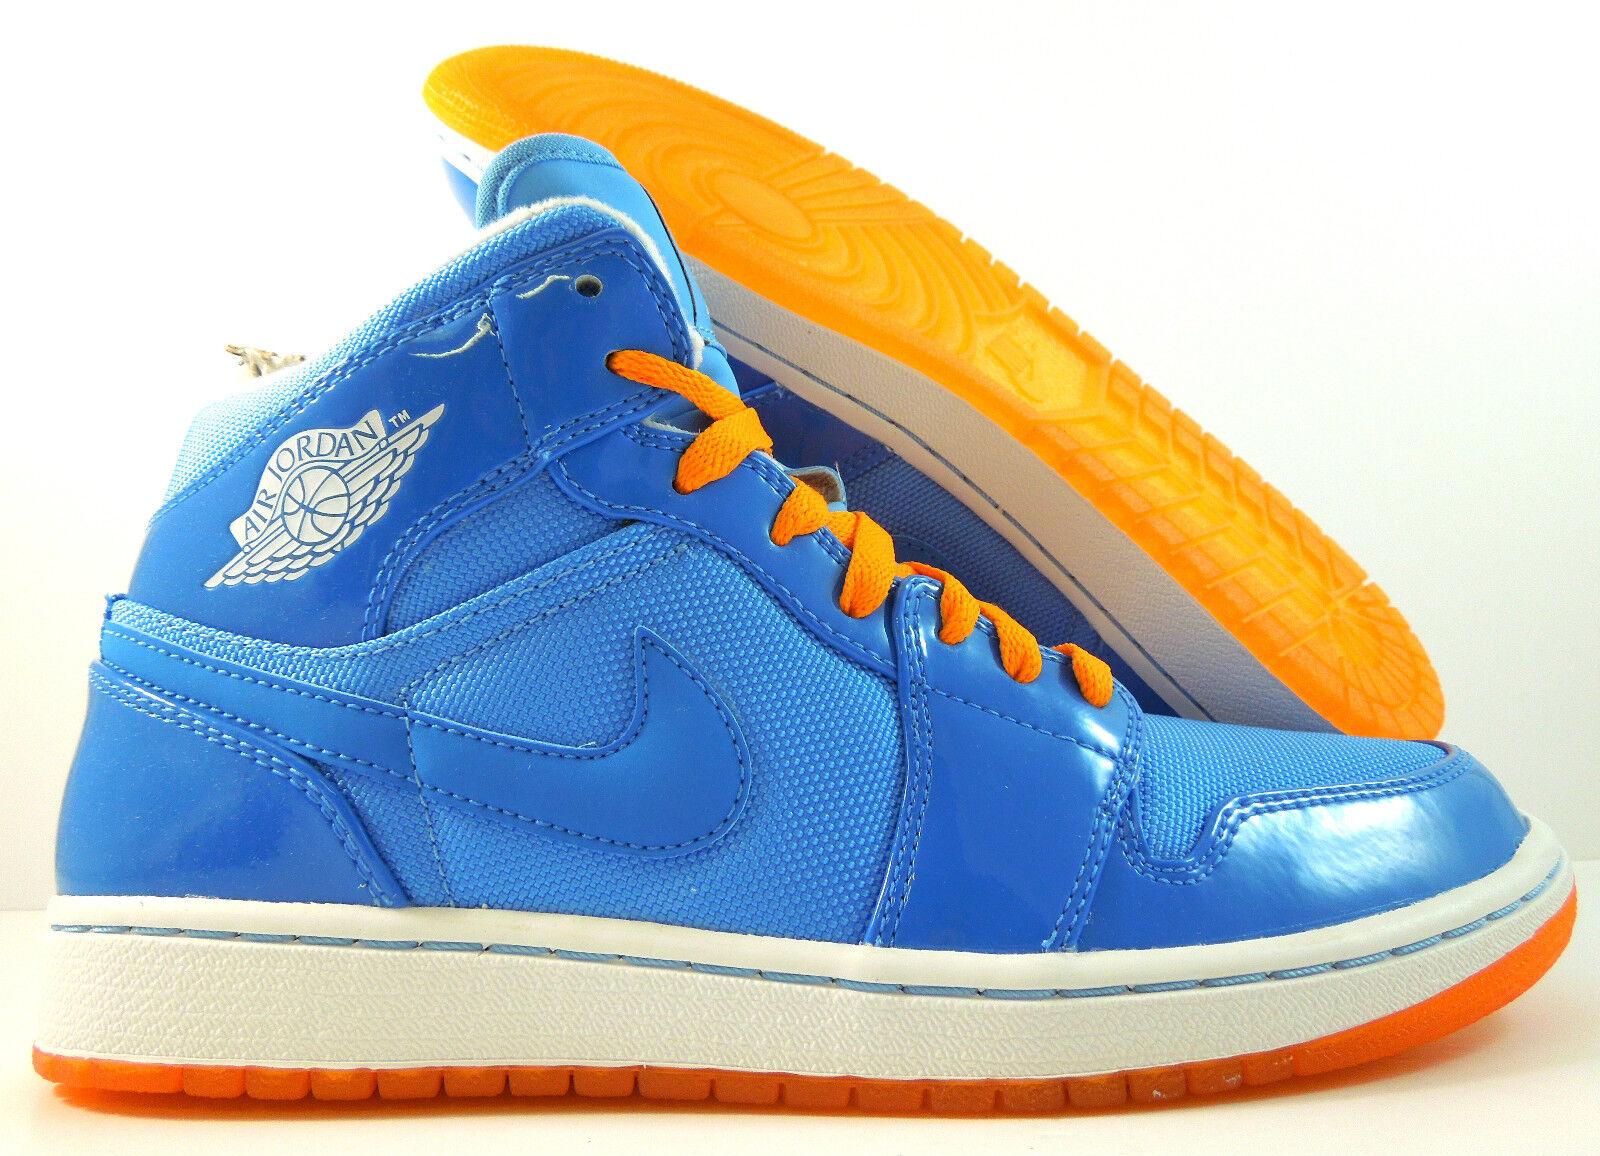 Nike Air Jordan 1 1 Jordan phat Italia Azul año del Dragon yotd reduccion de precio el modelo mas vendido de la marca 4488f4